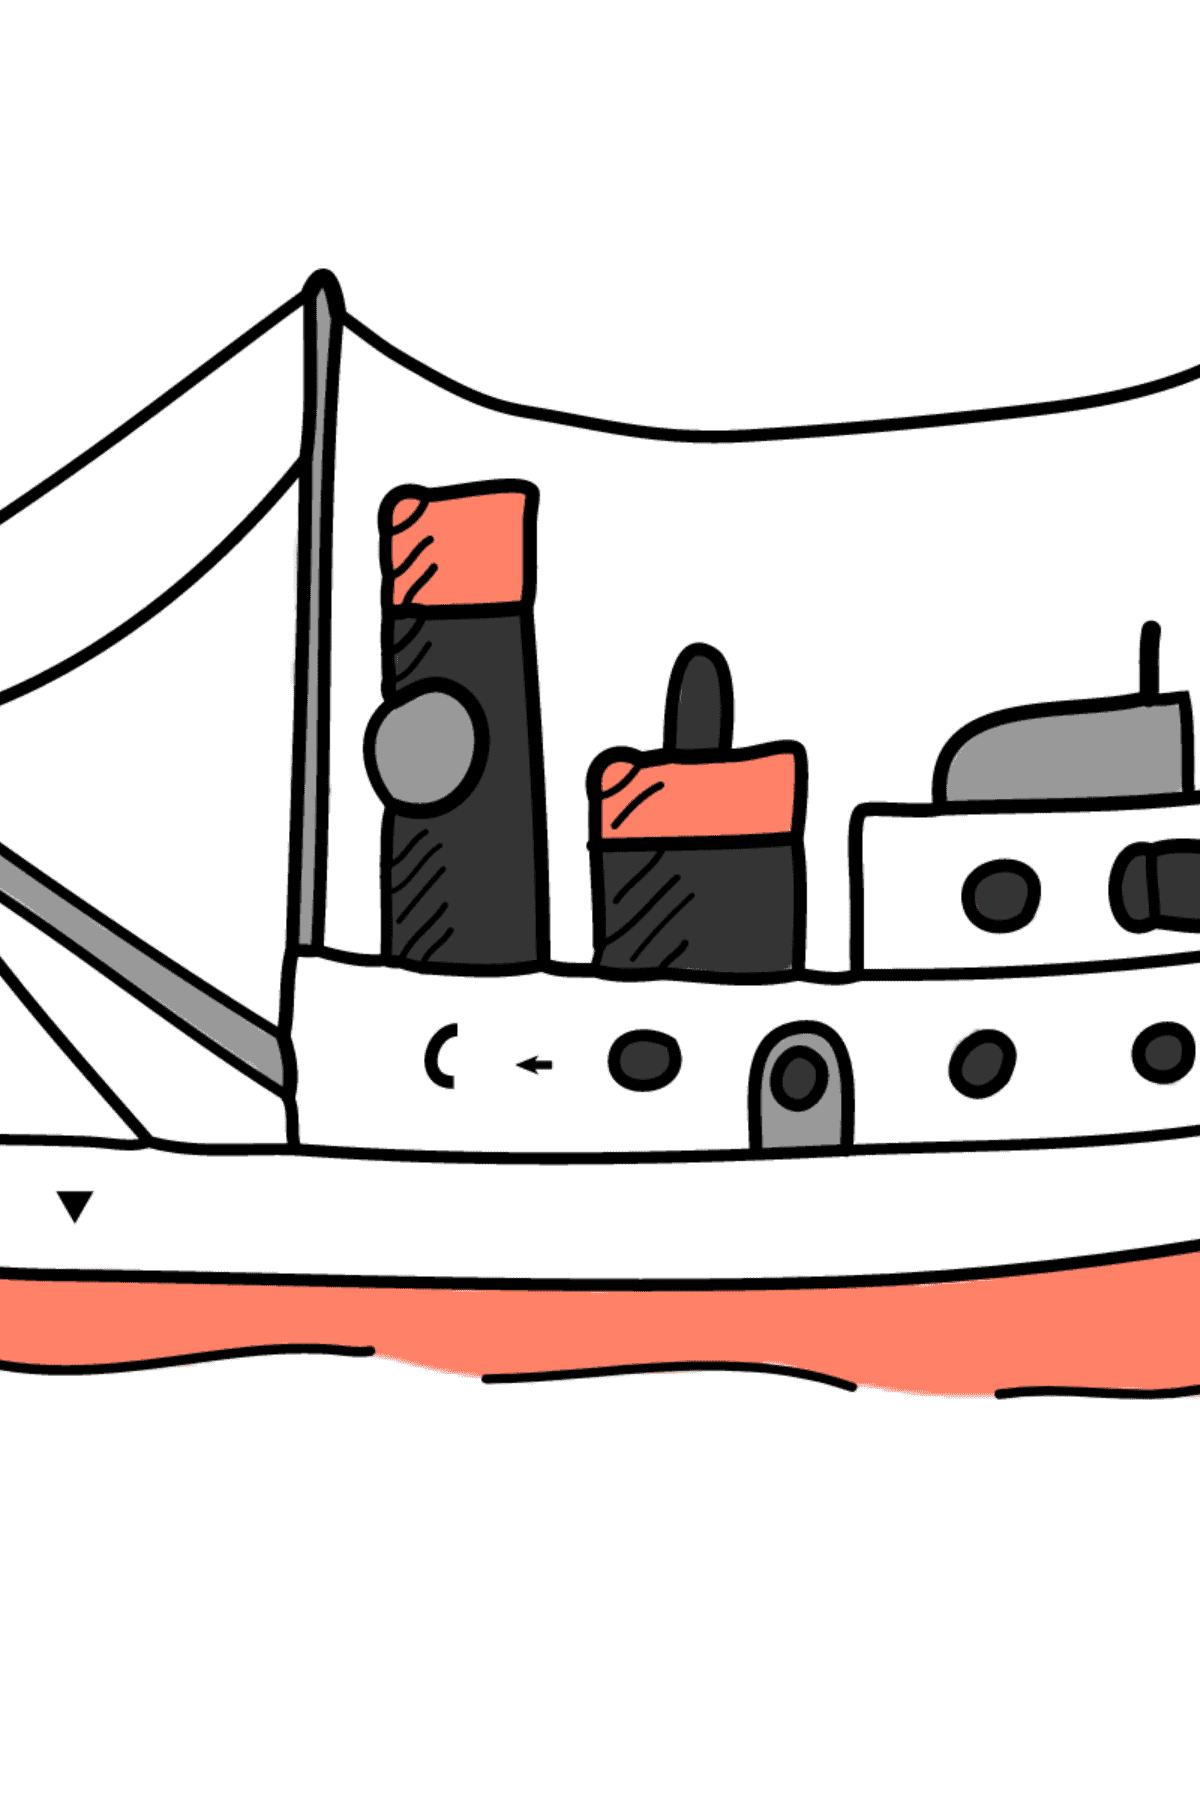 Раскраска грузовой корабль - Раскраска по Символам для Детей